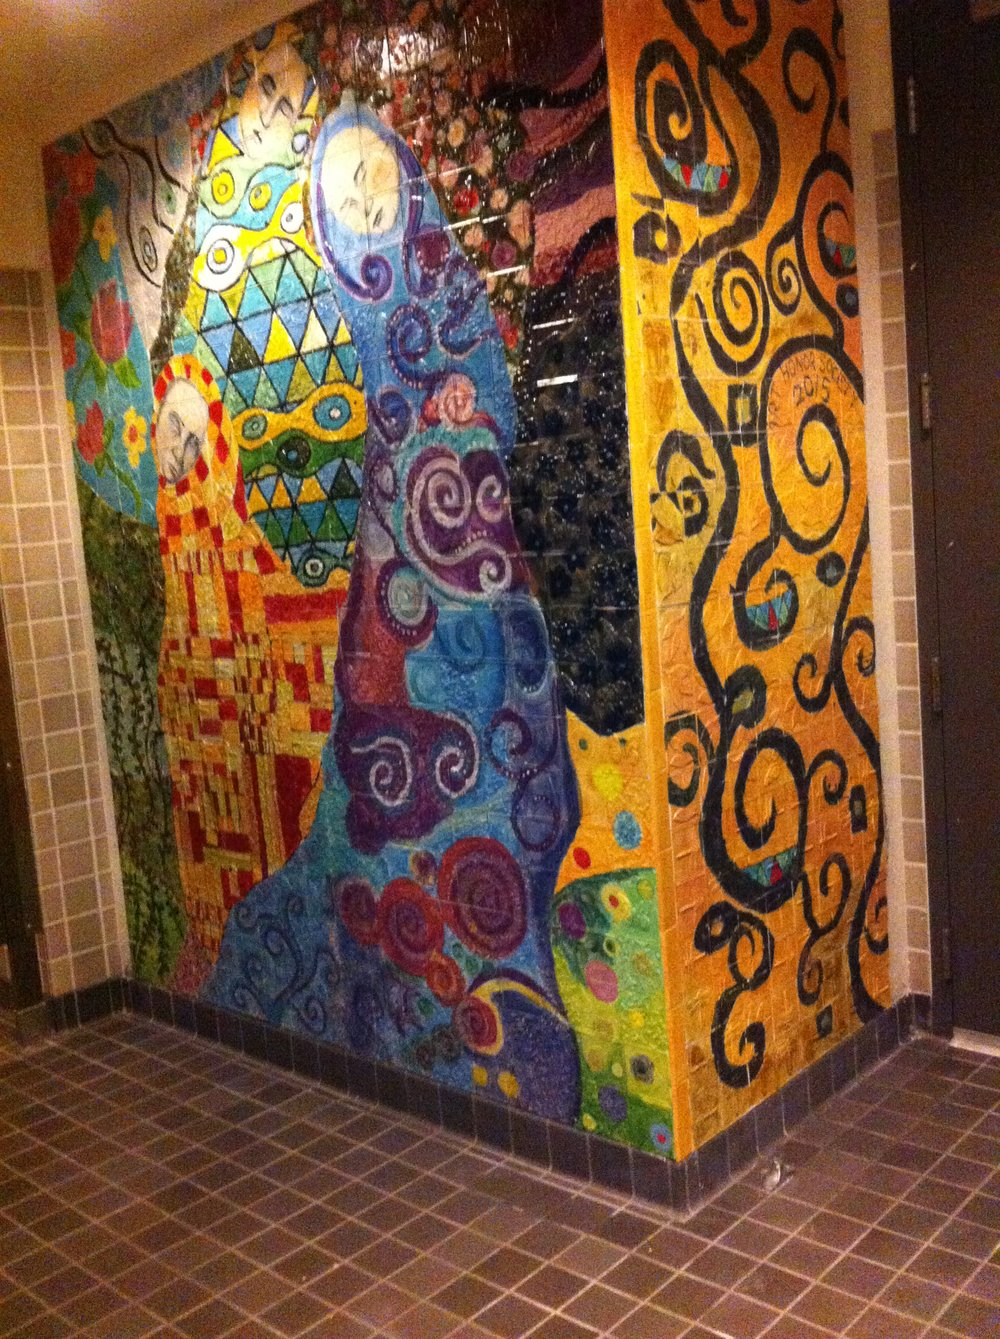 Klimpt inspired painted tile mural in girls bathroom in the Art Building